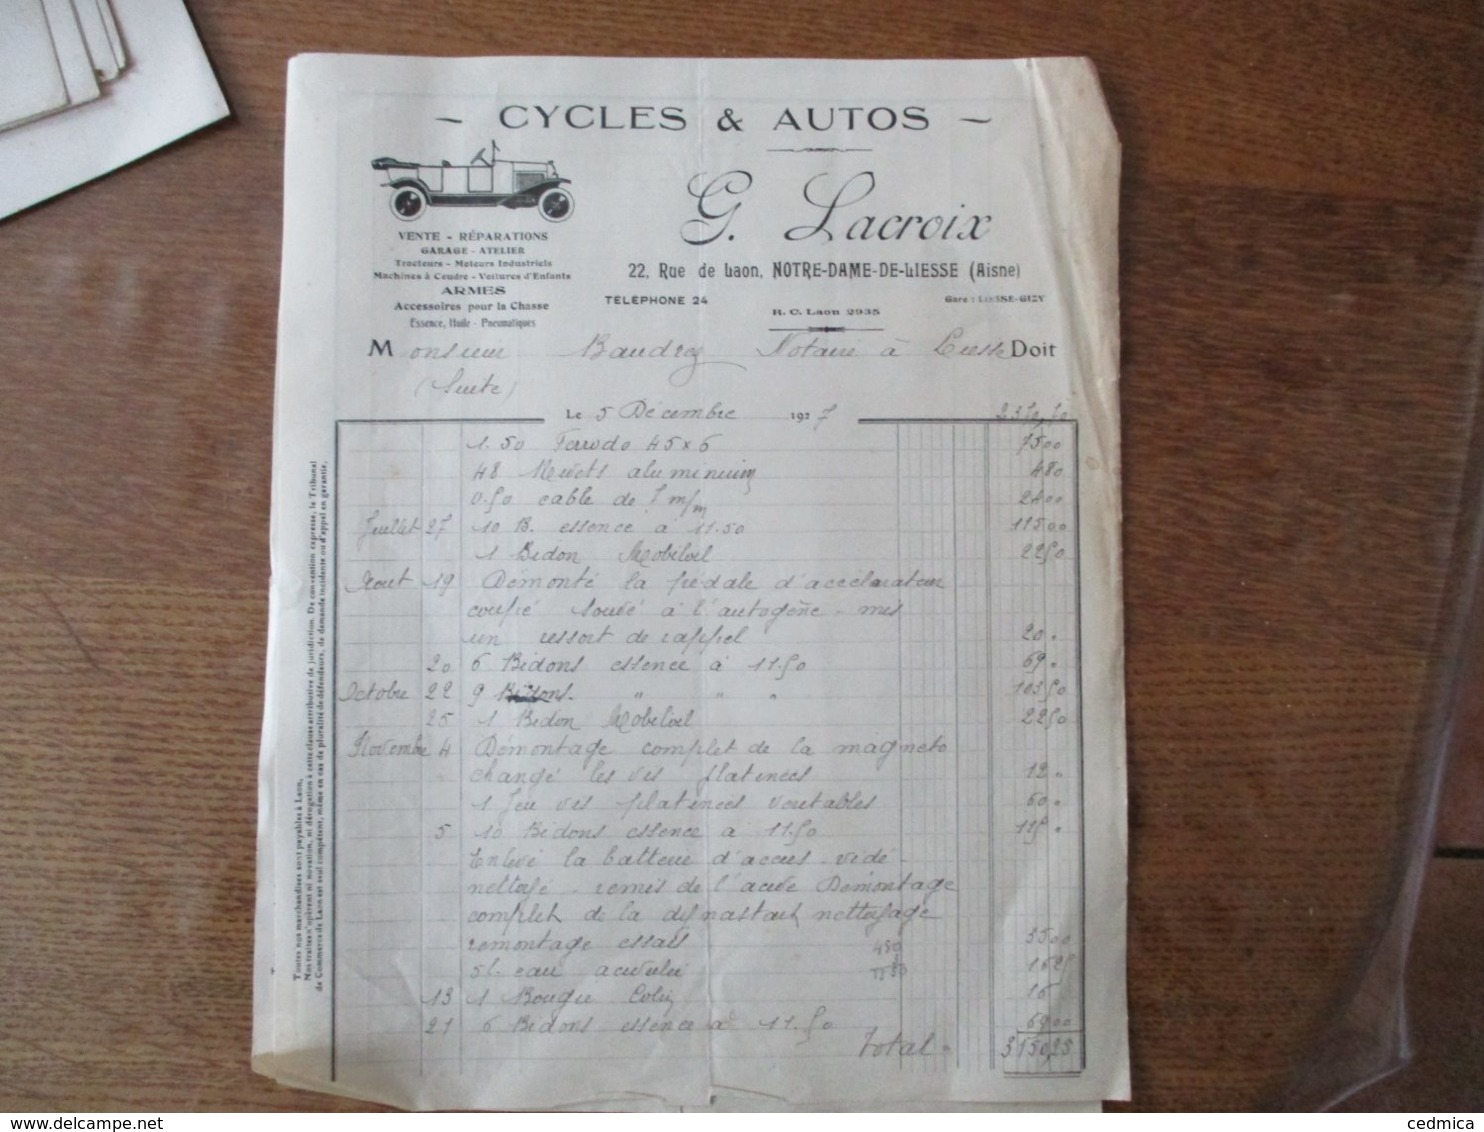 NOTRE-DAME-DE-LIESSE AISNE G. LACROIX CYCLES & AUTOS 22 RUE DE LAON FACTURE DU 5 DECEMBRE 1927 - Frankreich